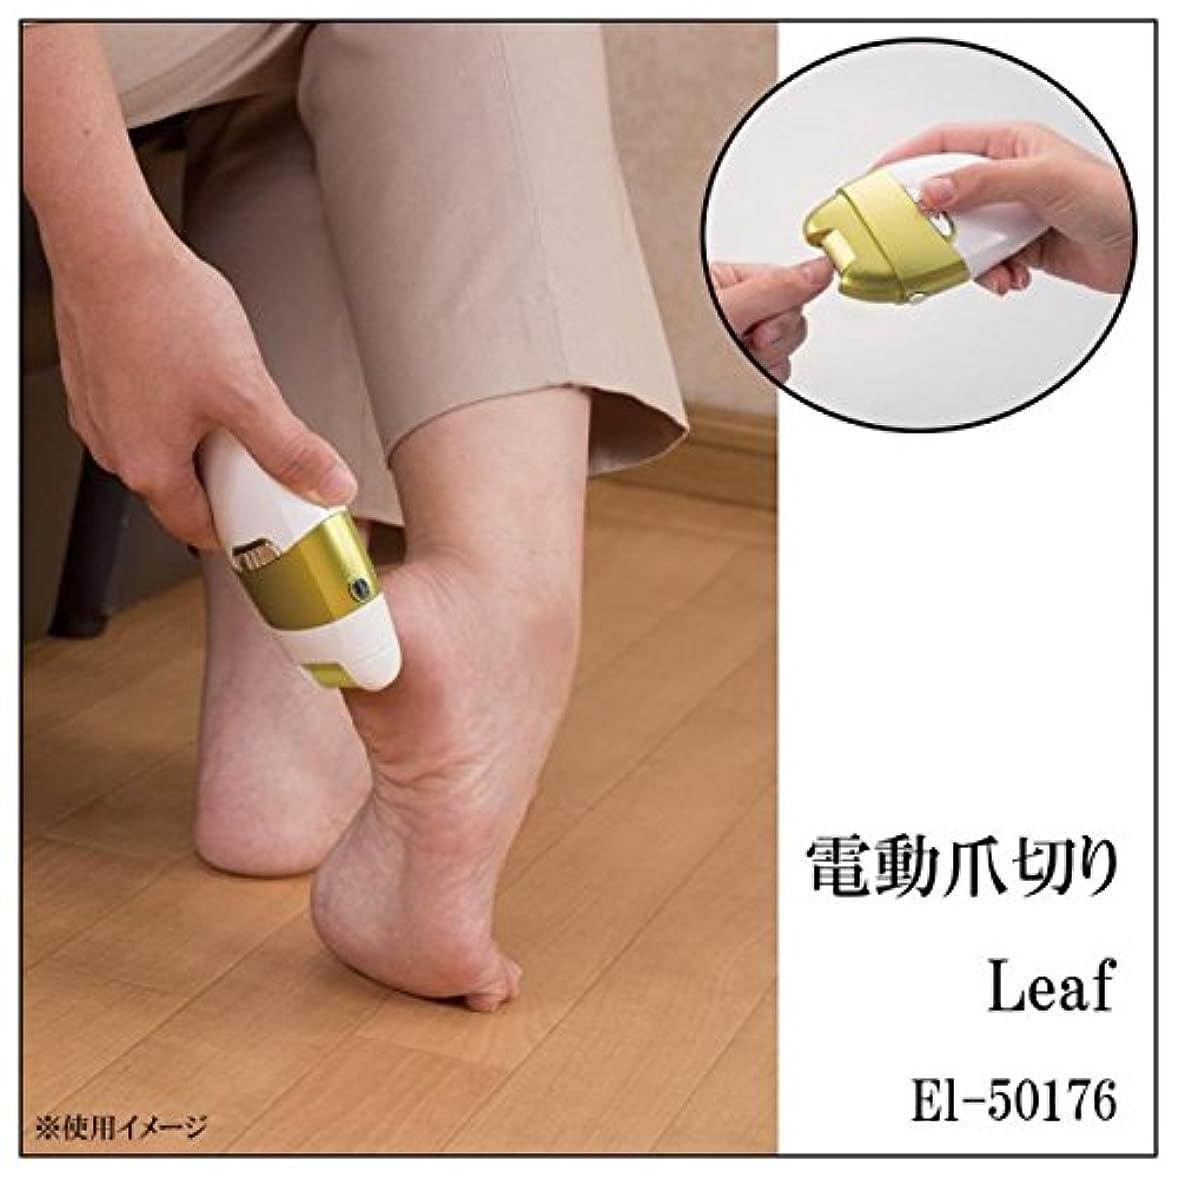 引退した明示的に添加電動爪切り Leaf El-50176